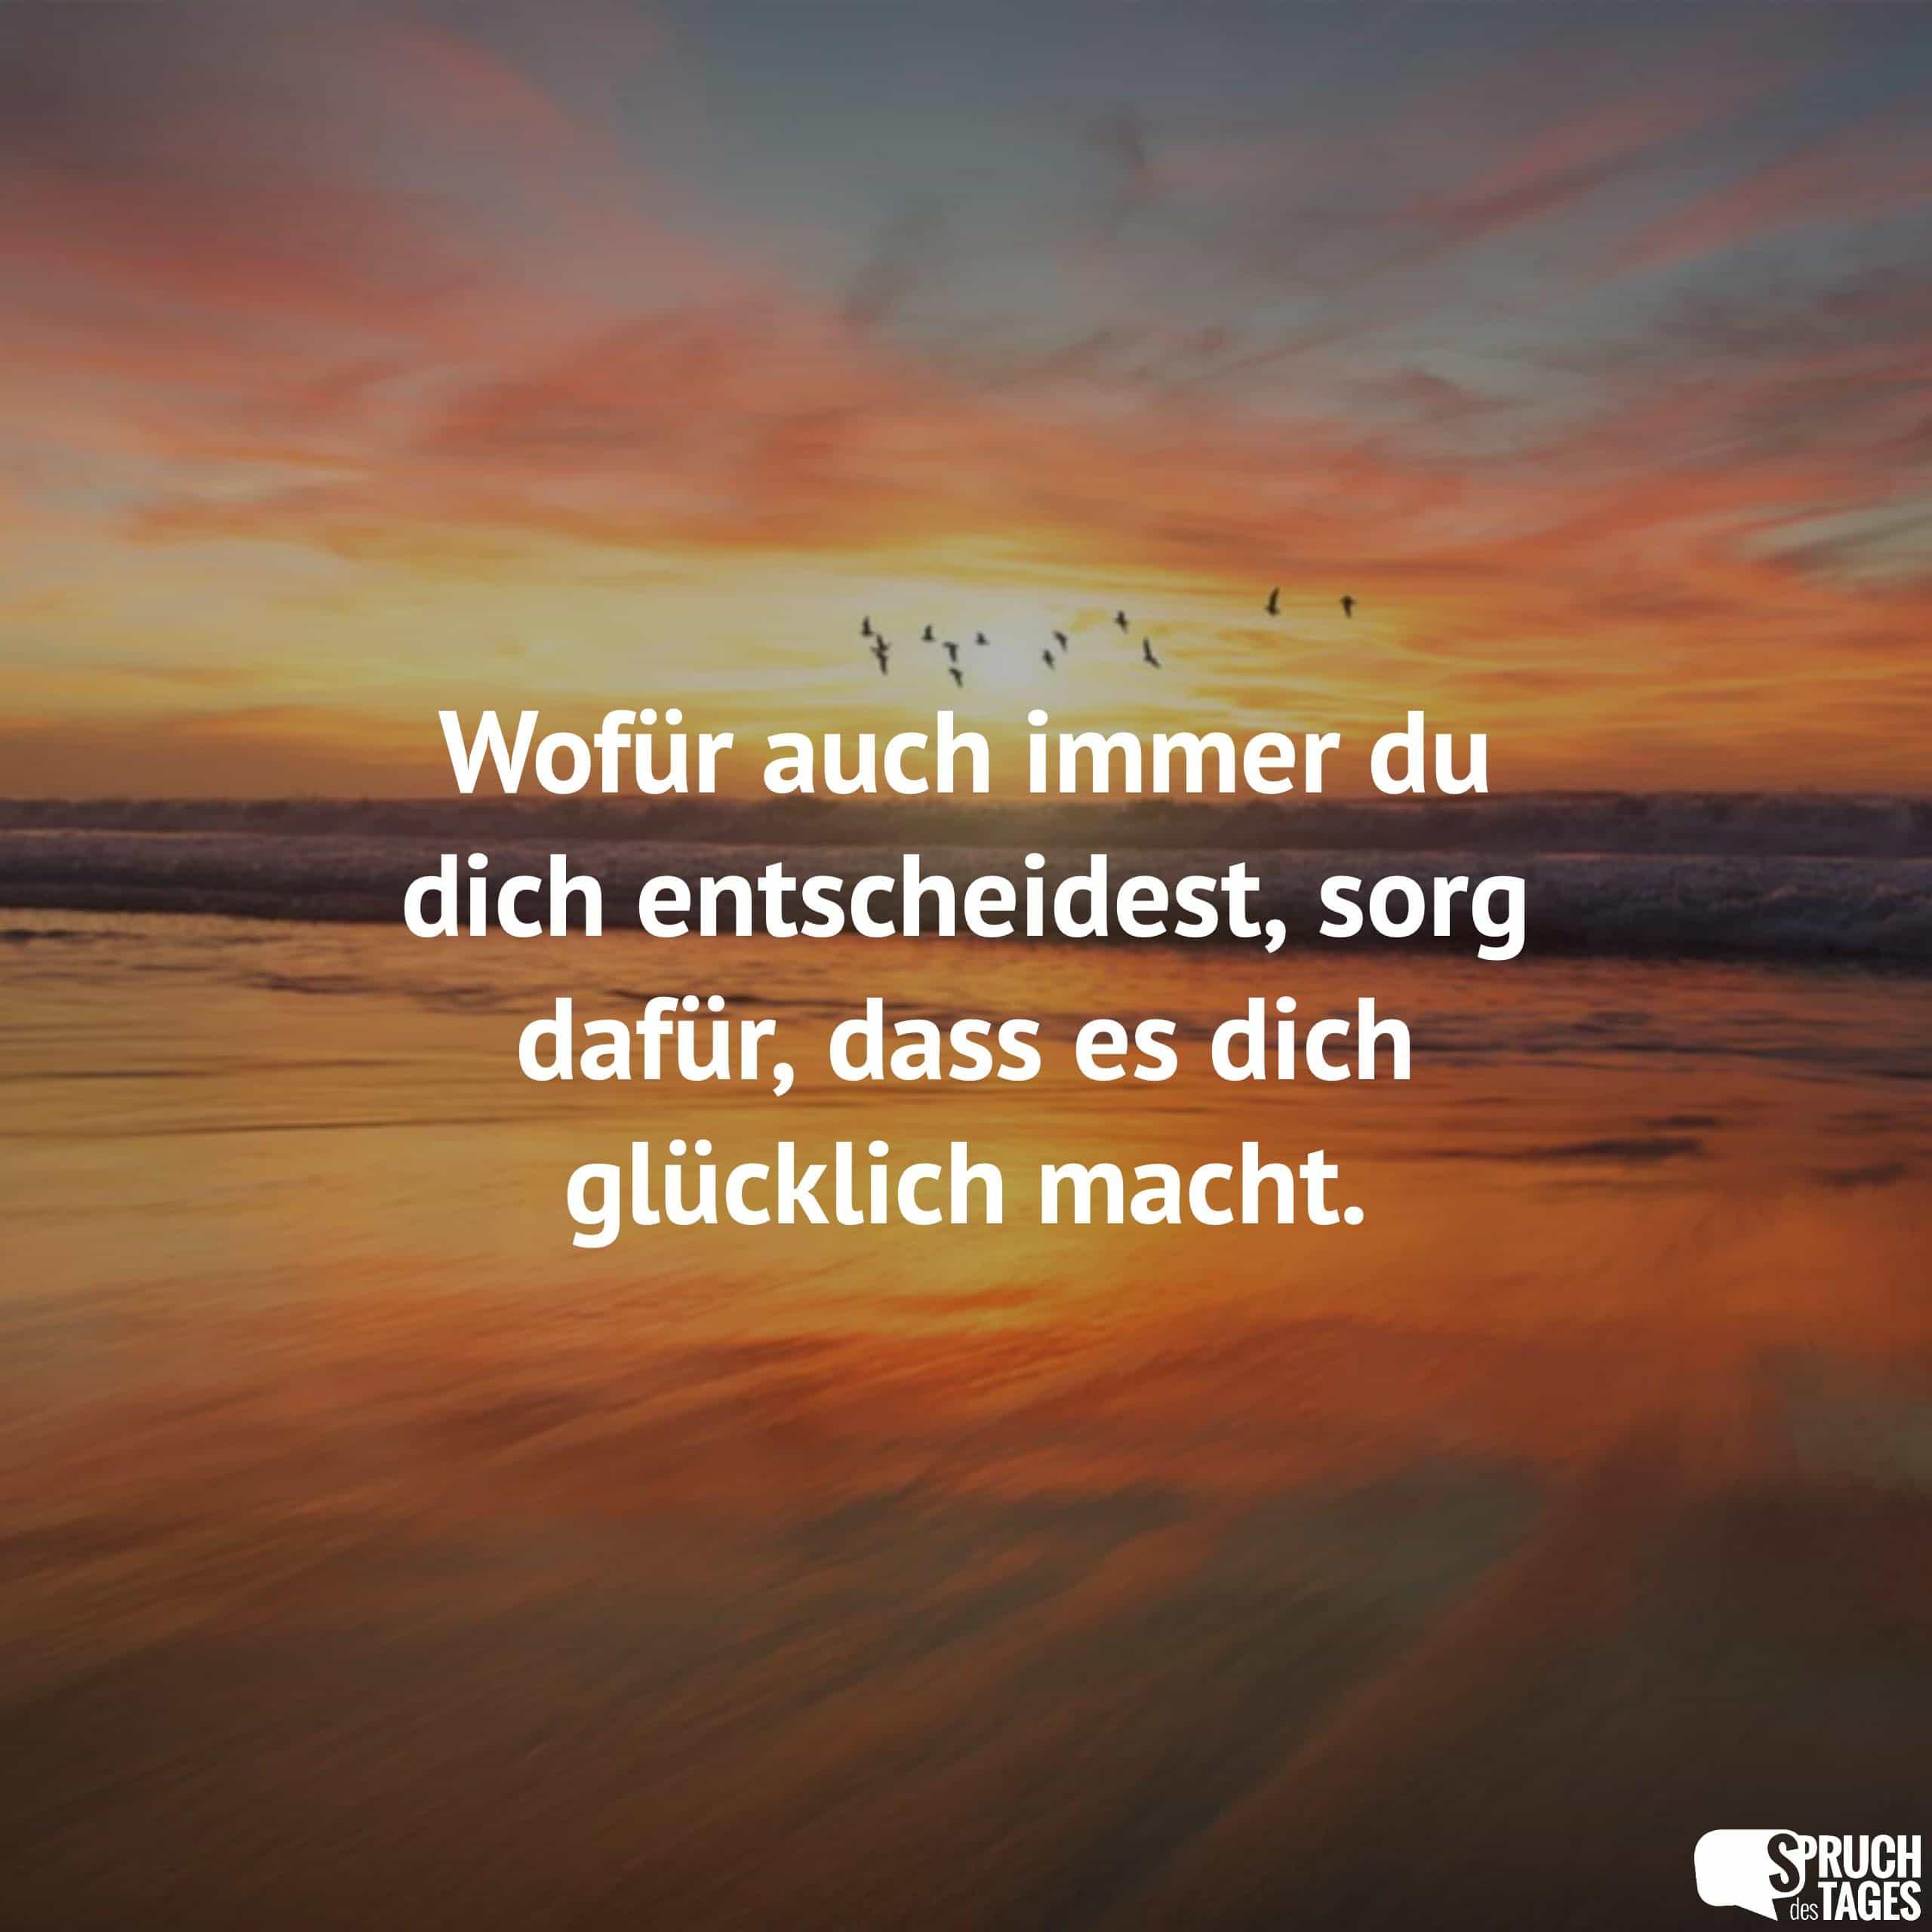 Spruche Schones Leben.Leben Leben Spruch Spruche Zu Leben 2019 06 28